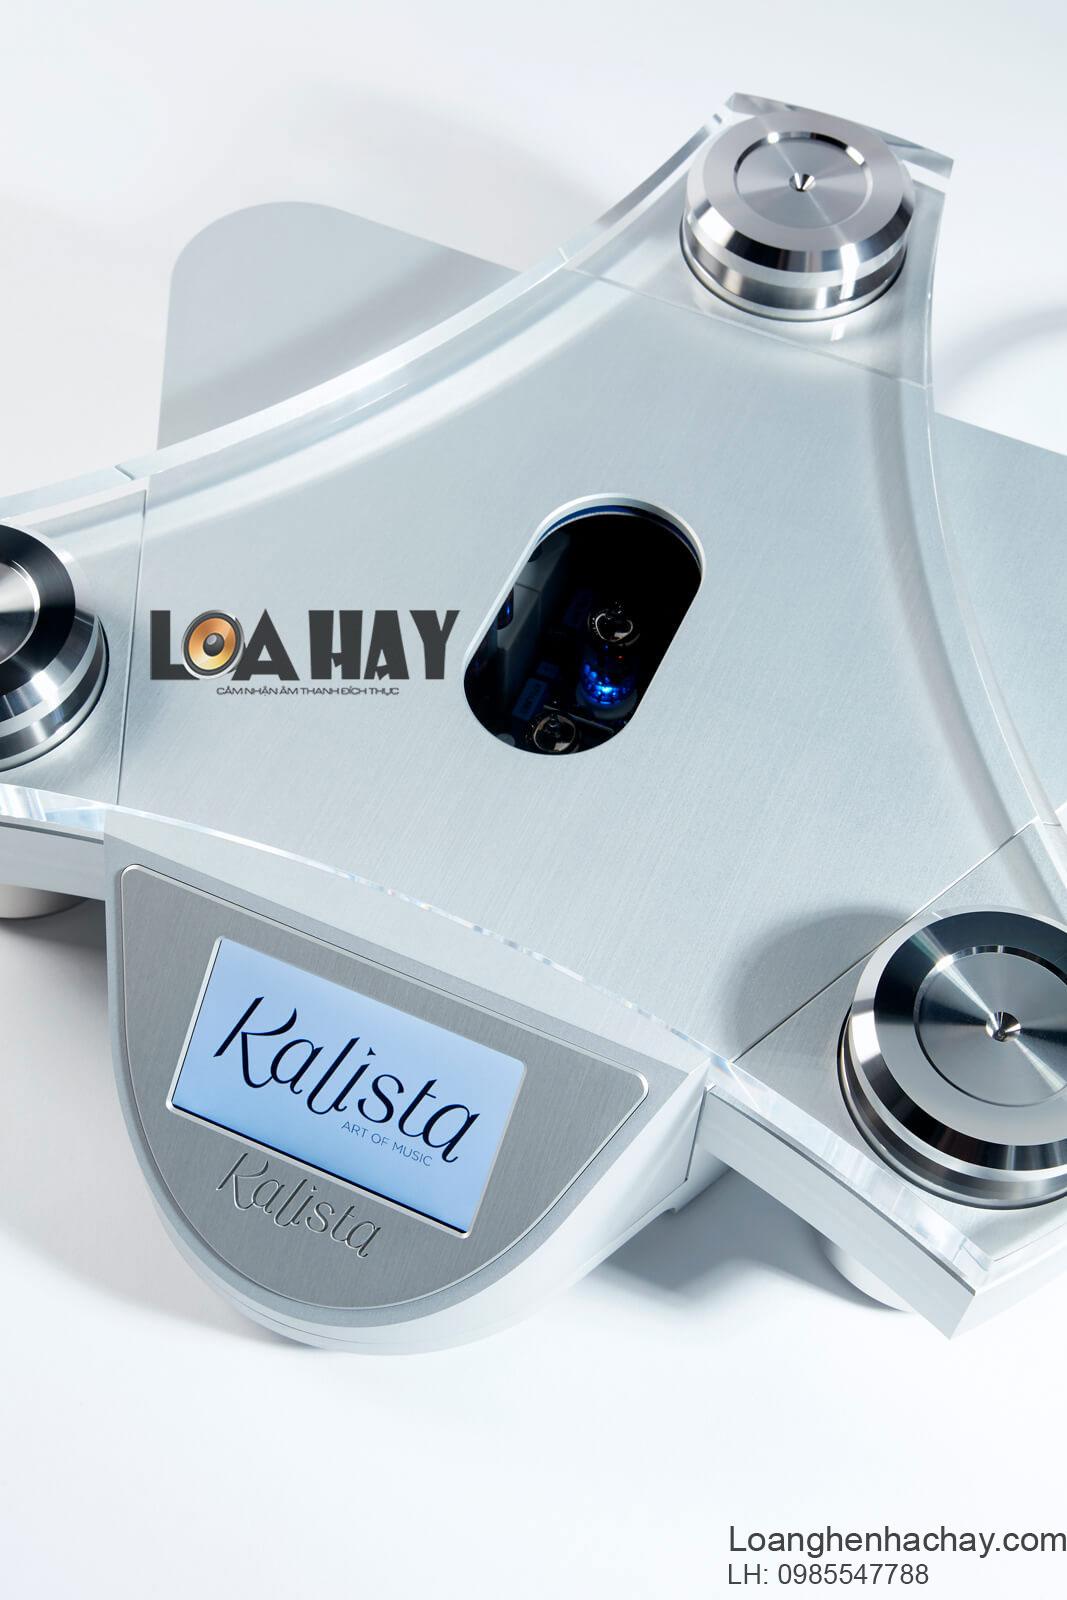 Kalista DreamPlay DAC tren